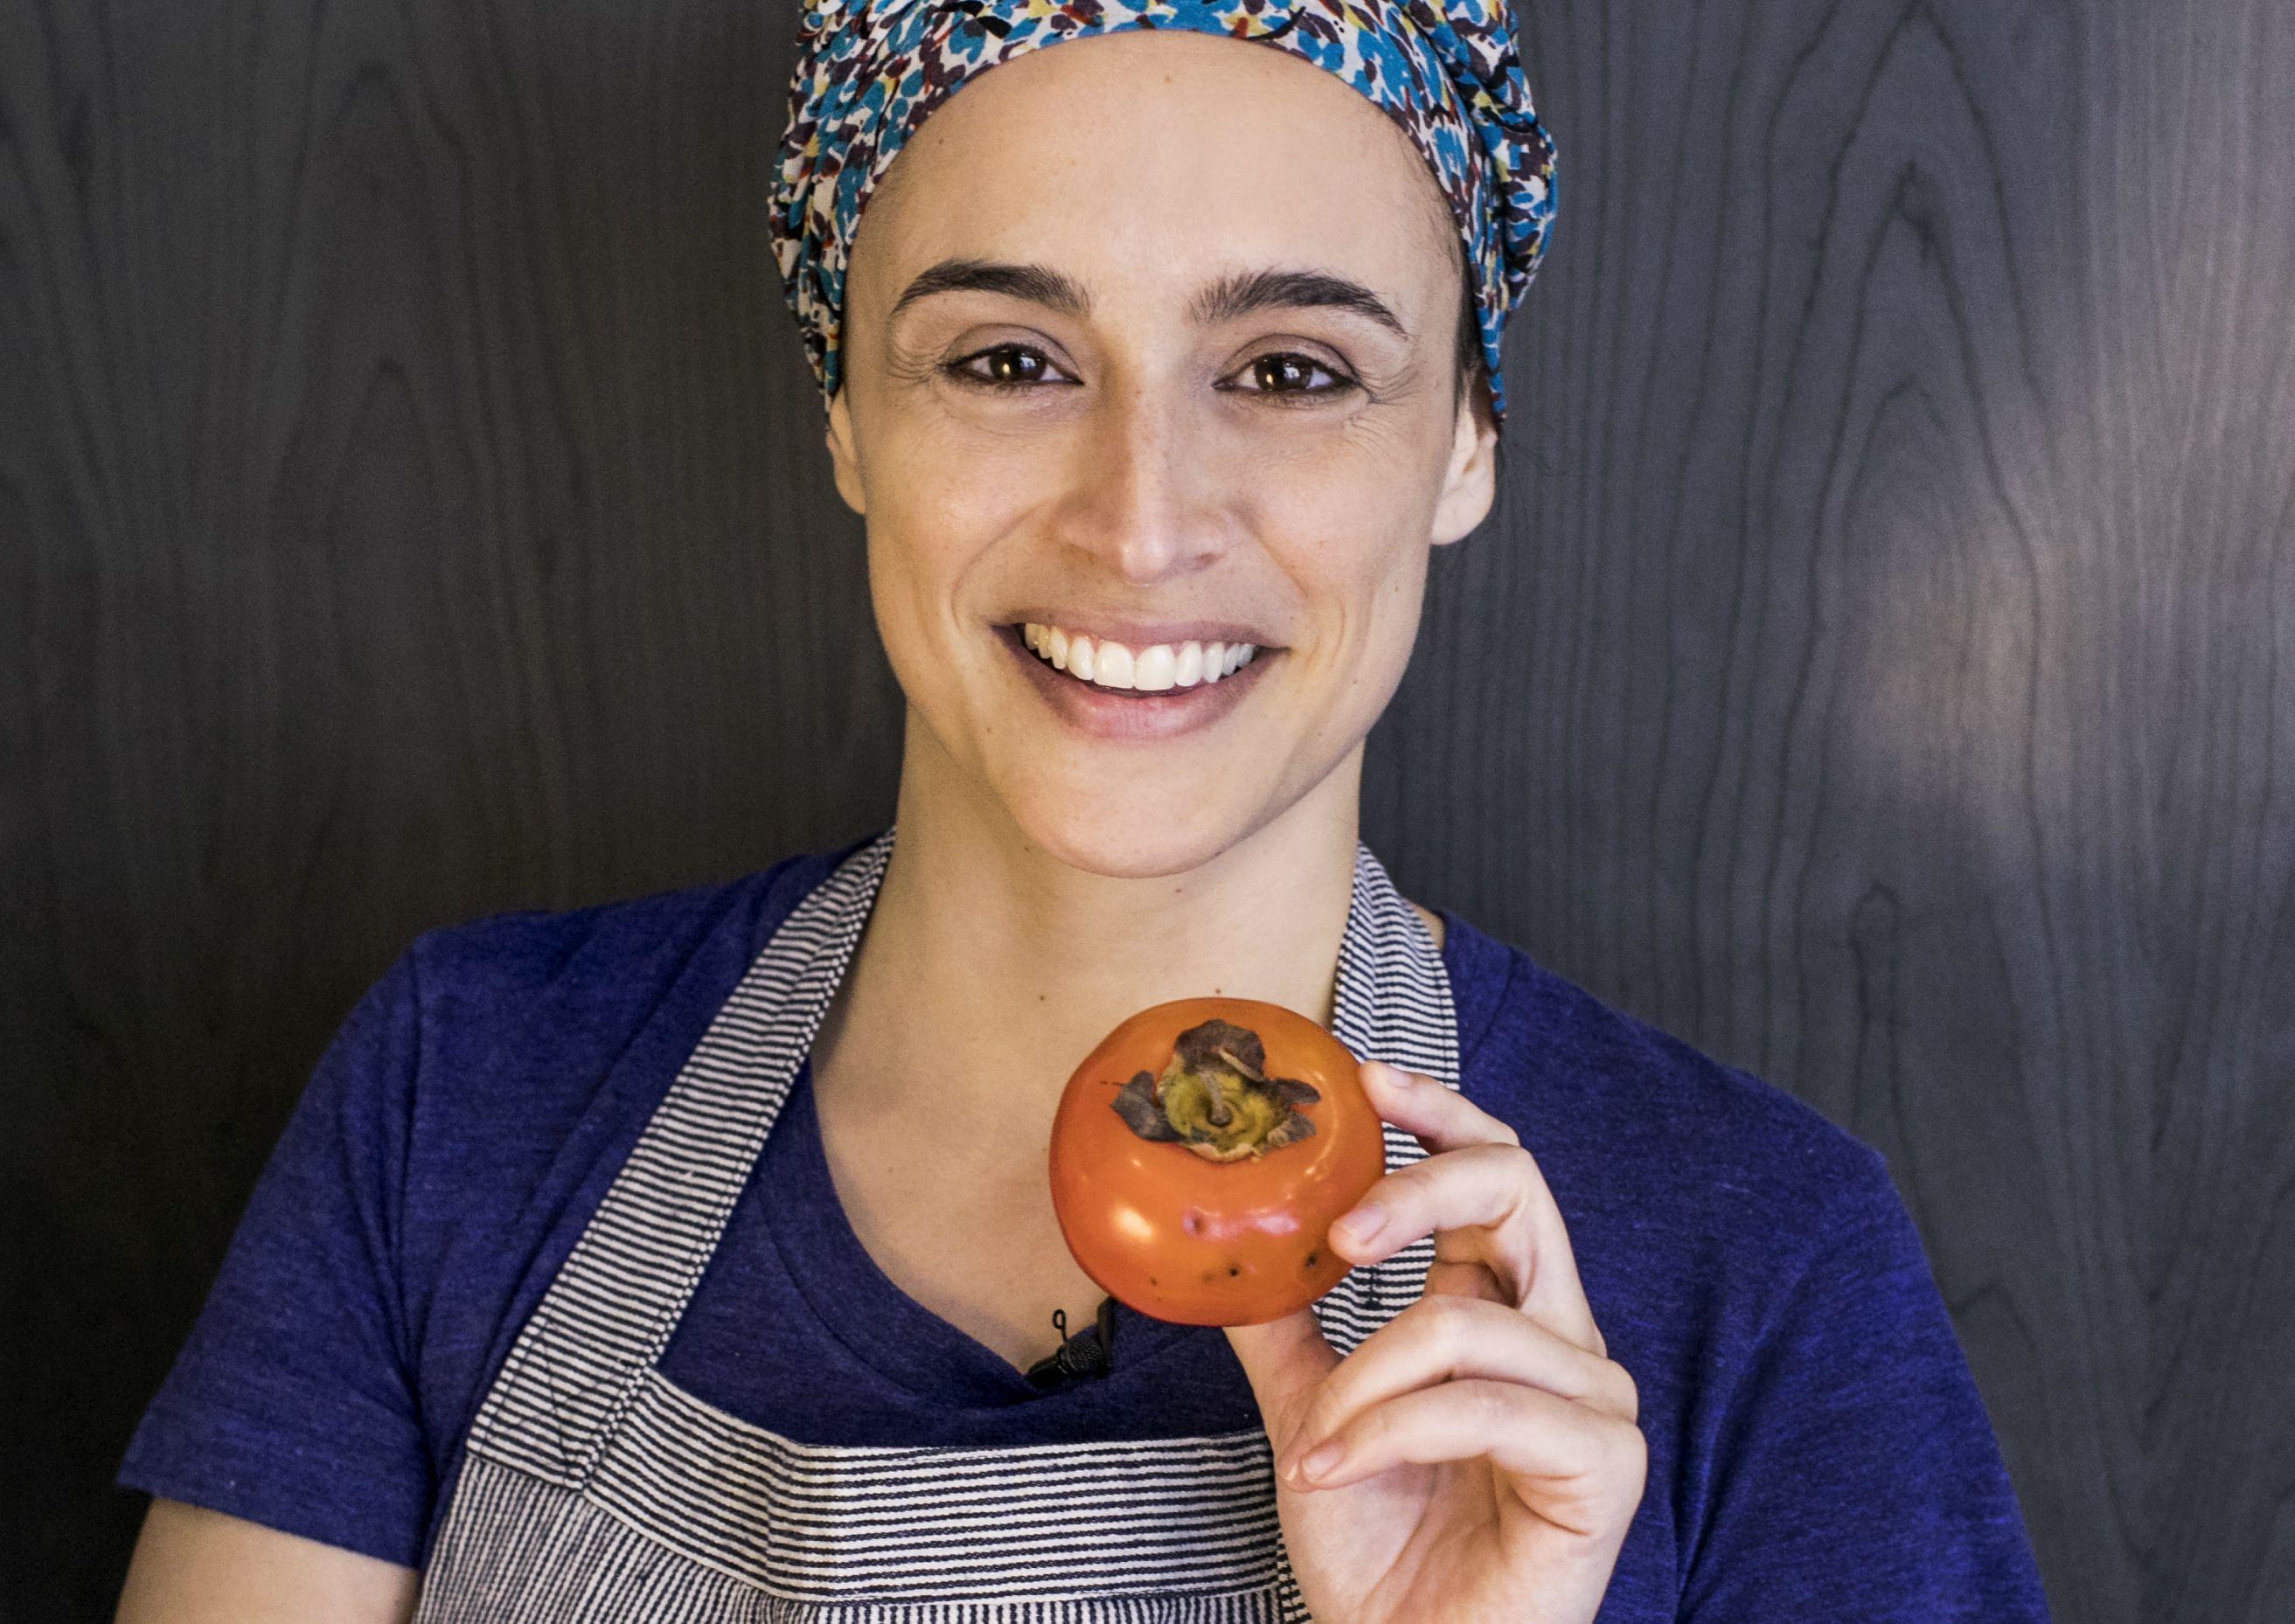 Dica ao usar frutas e legumes com Chef Bel Coelho